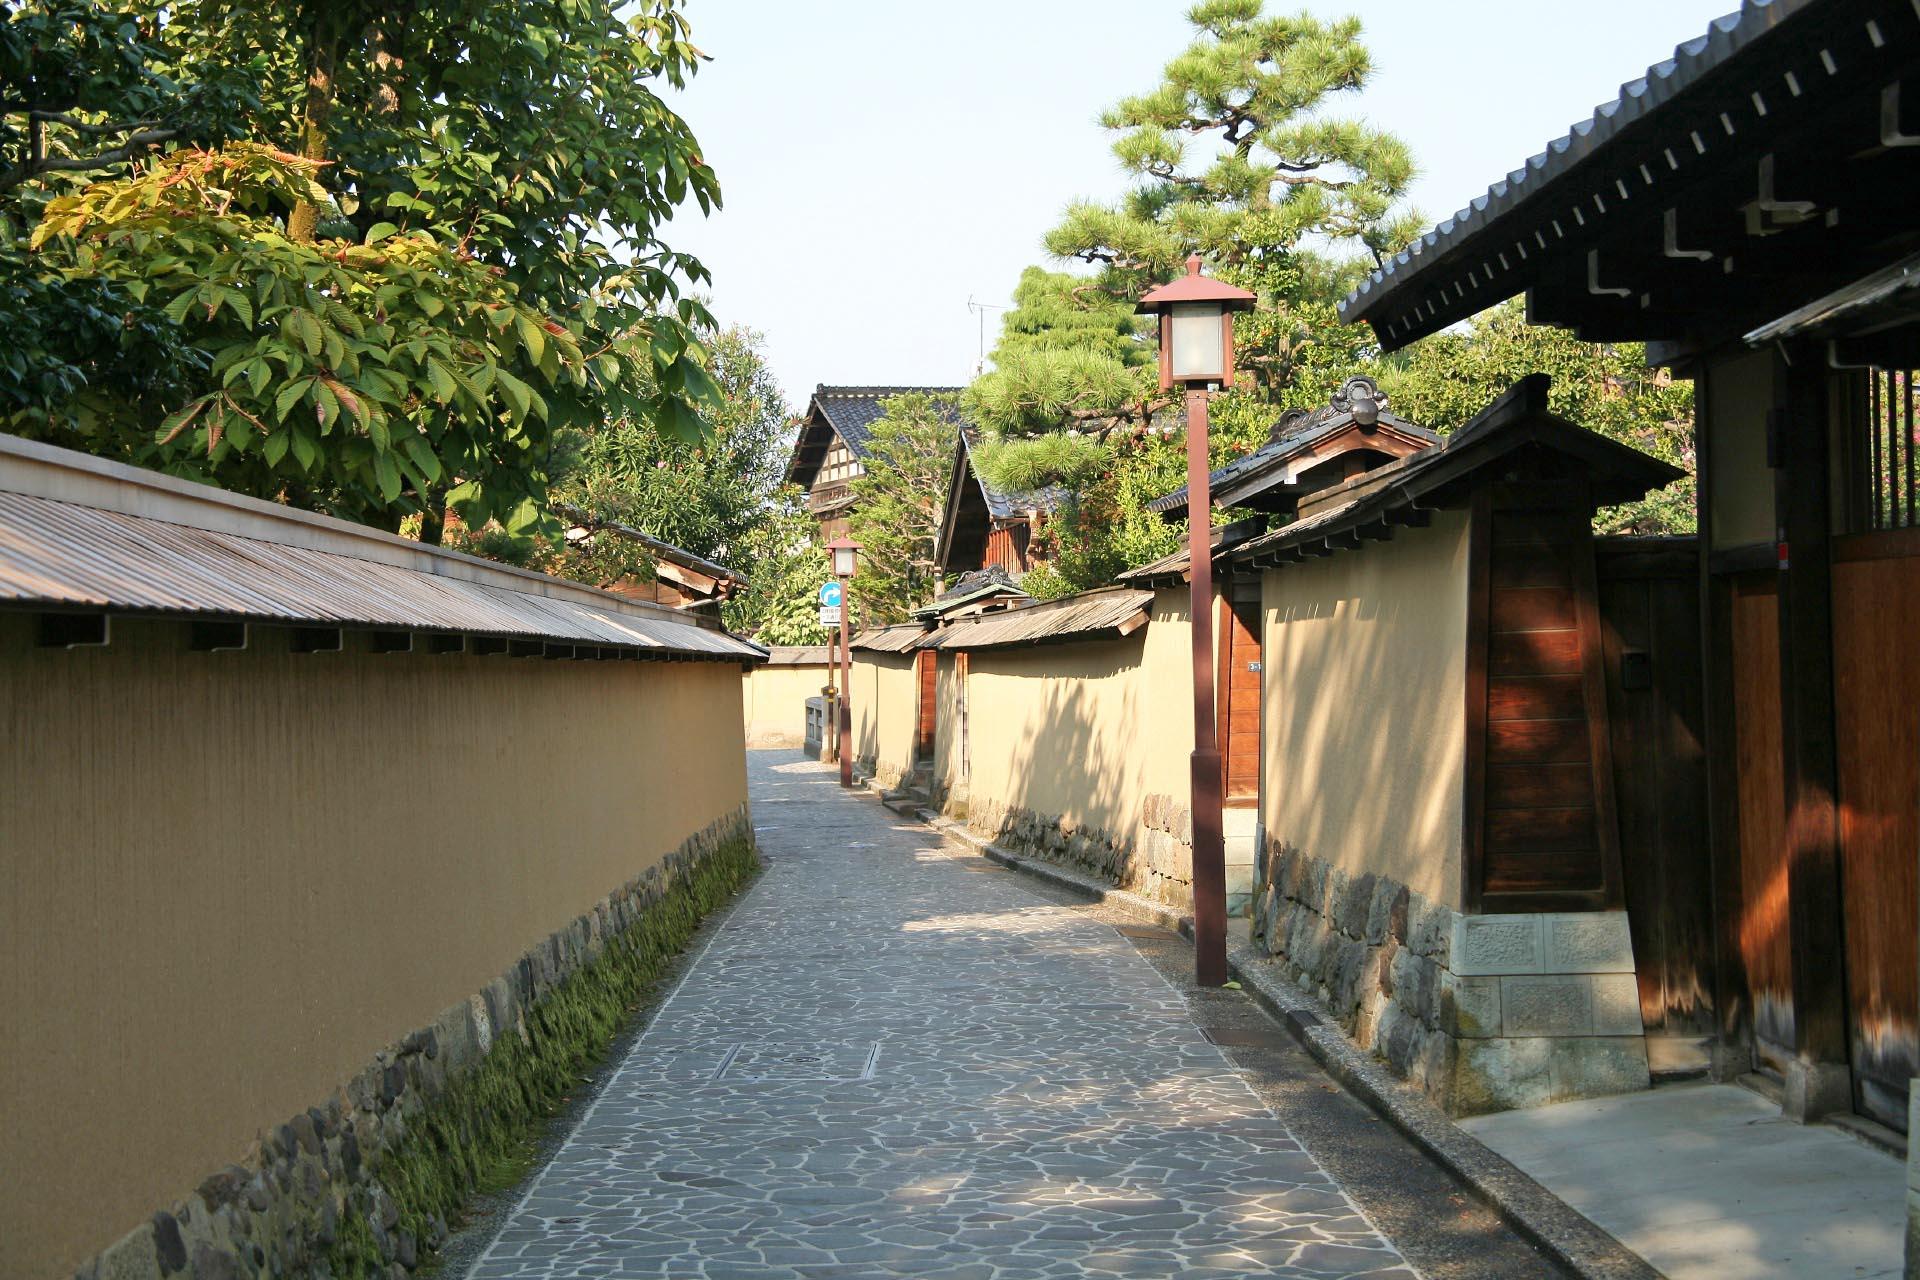 朝の金沢 長町武家屋敷通り 石川の風景